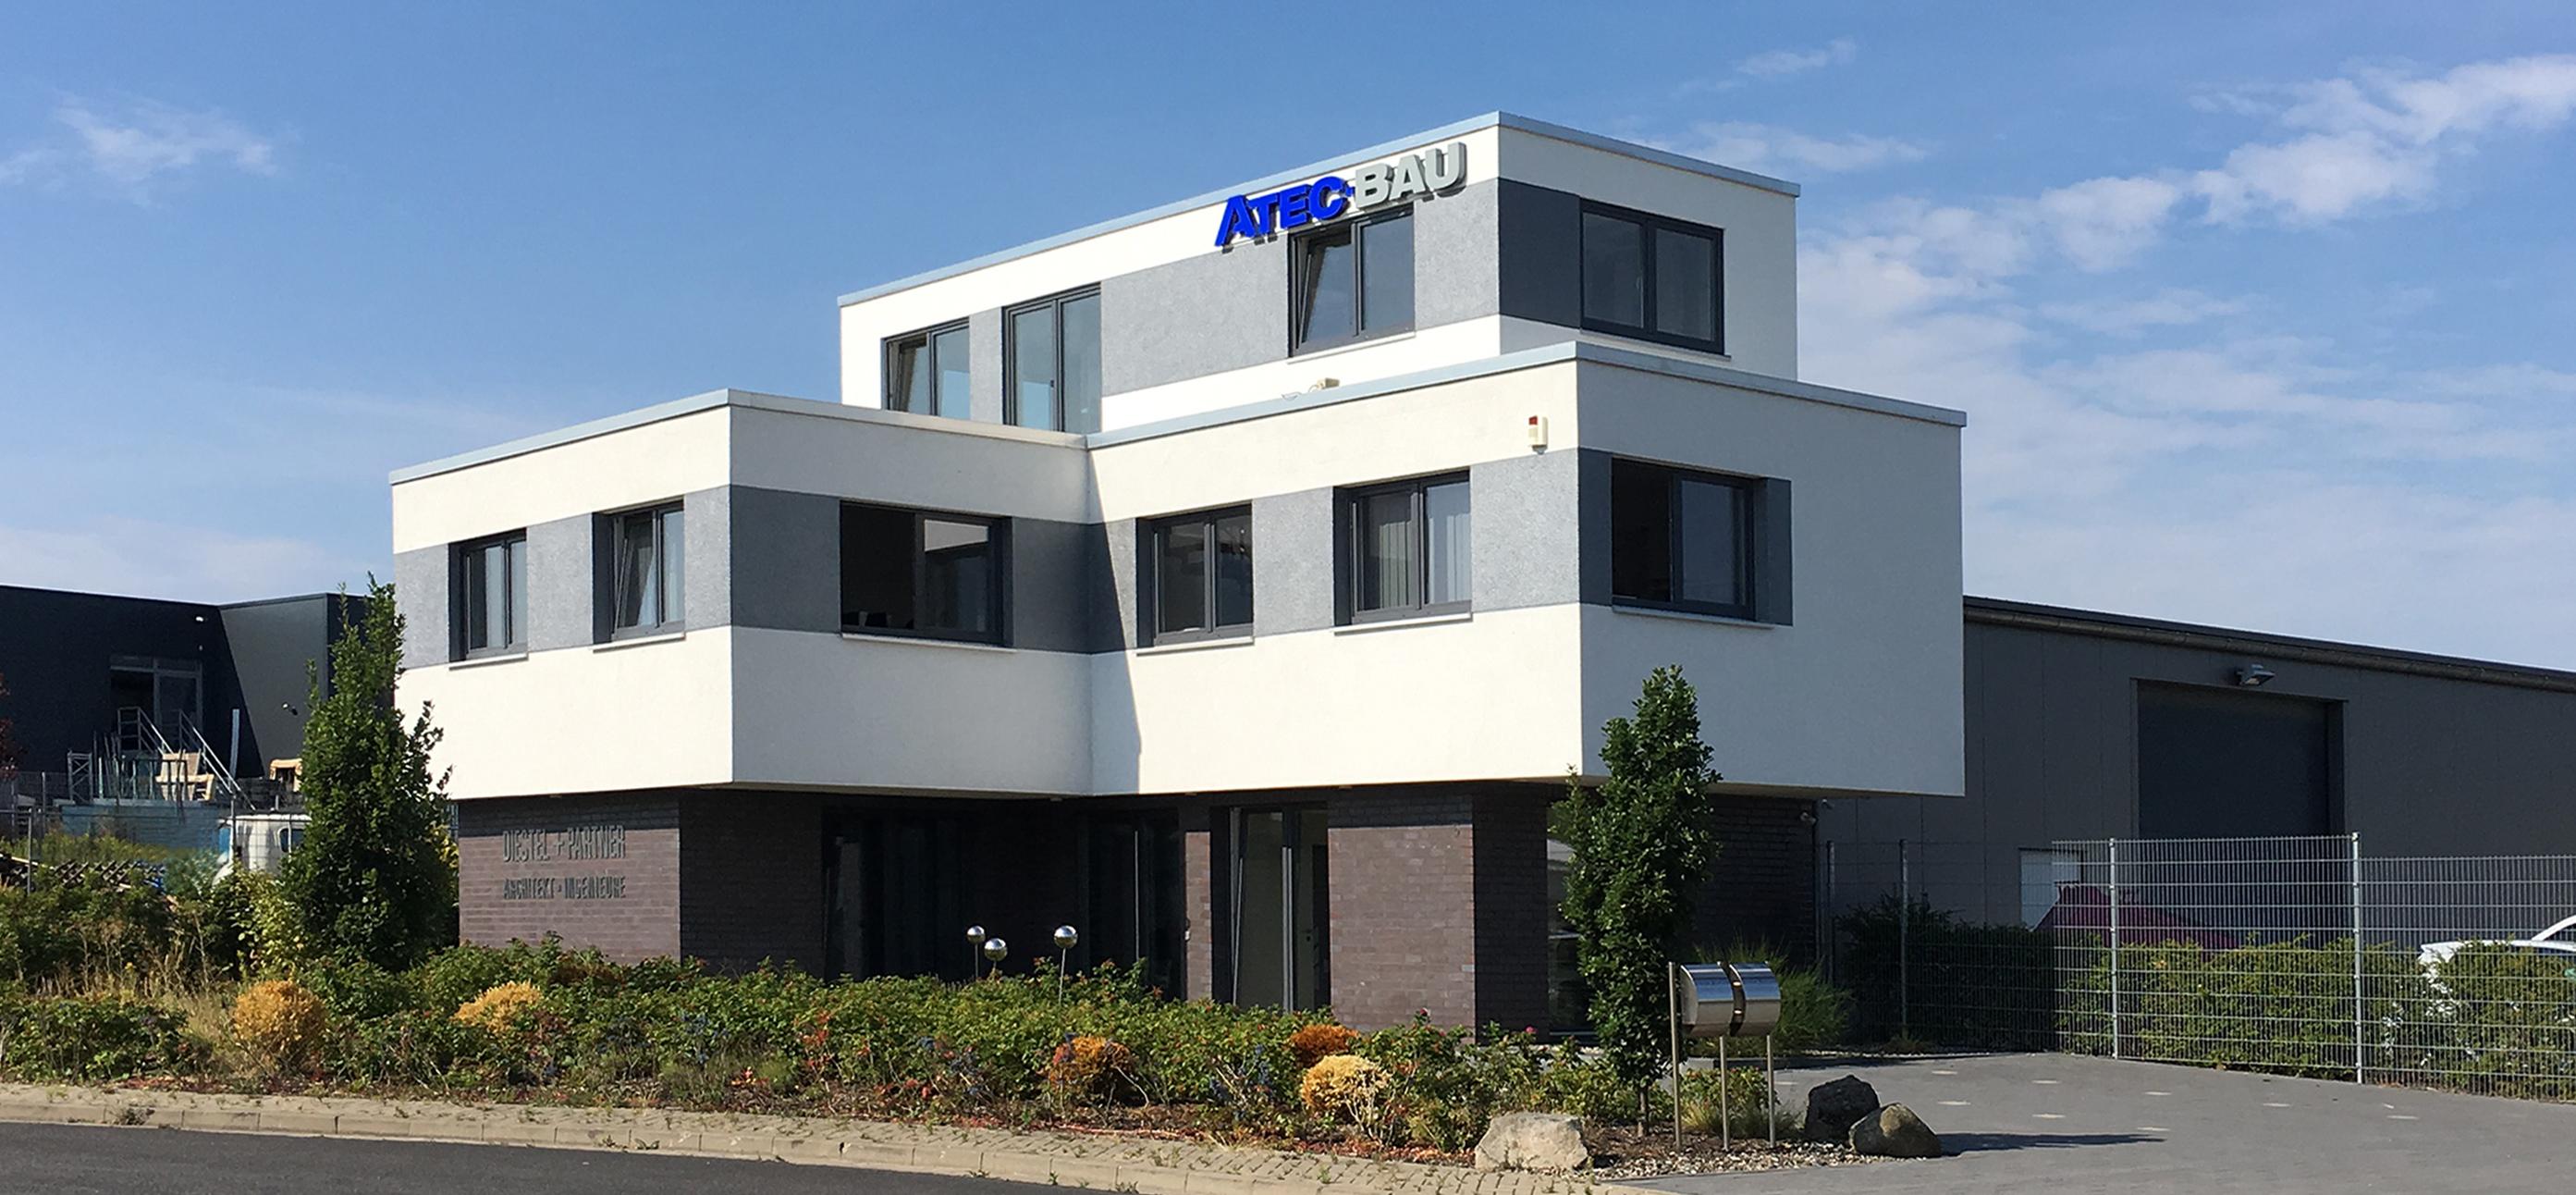 ATEC-Bau